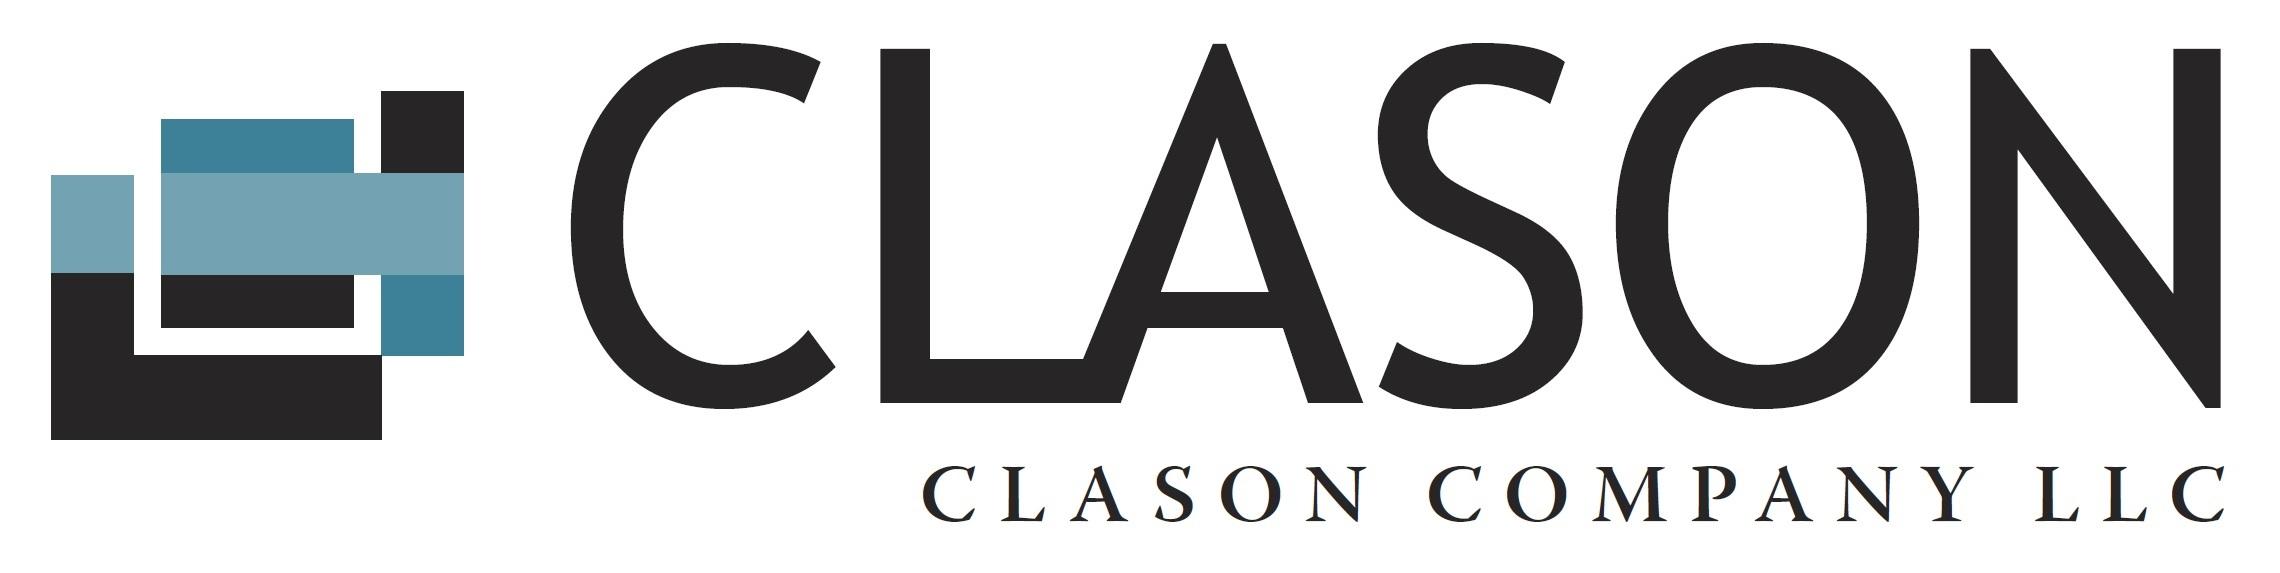 Clason Company   Home Builder & Developer in Southern Oregon